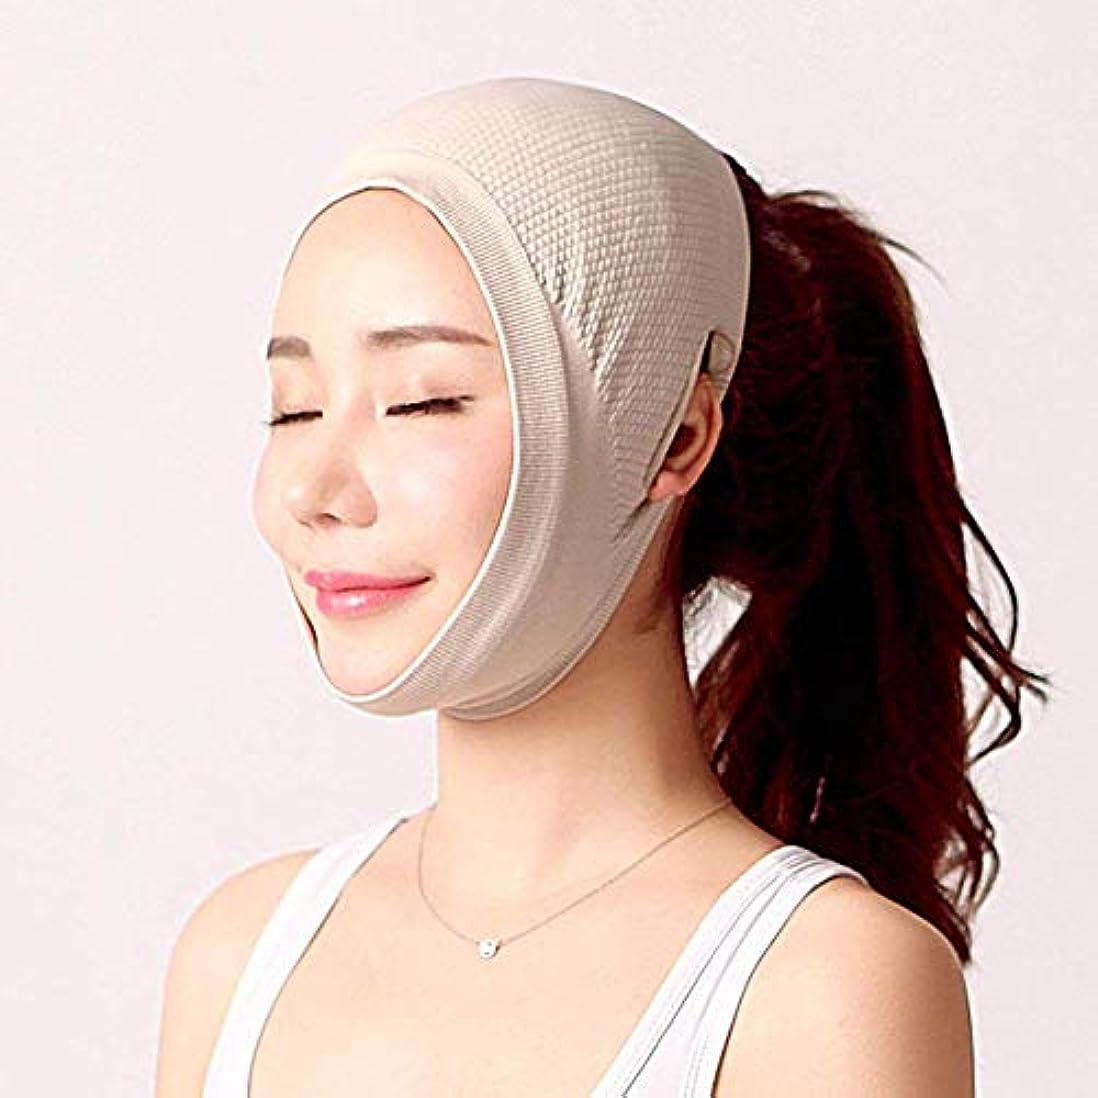 ディスパッチリブ方言フェイスリフトマスク、Vリフトフェイスフェイスリフト包帯痩身あご頬マスク顔/Vフェイスラインフルフェイス痩身/二重あご通気性